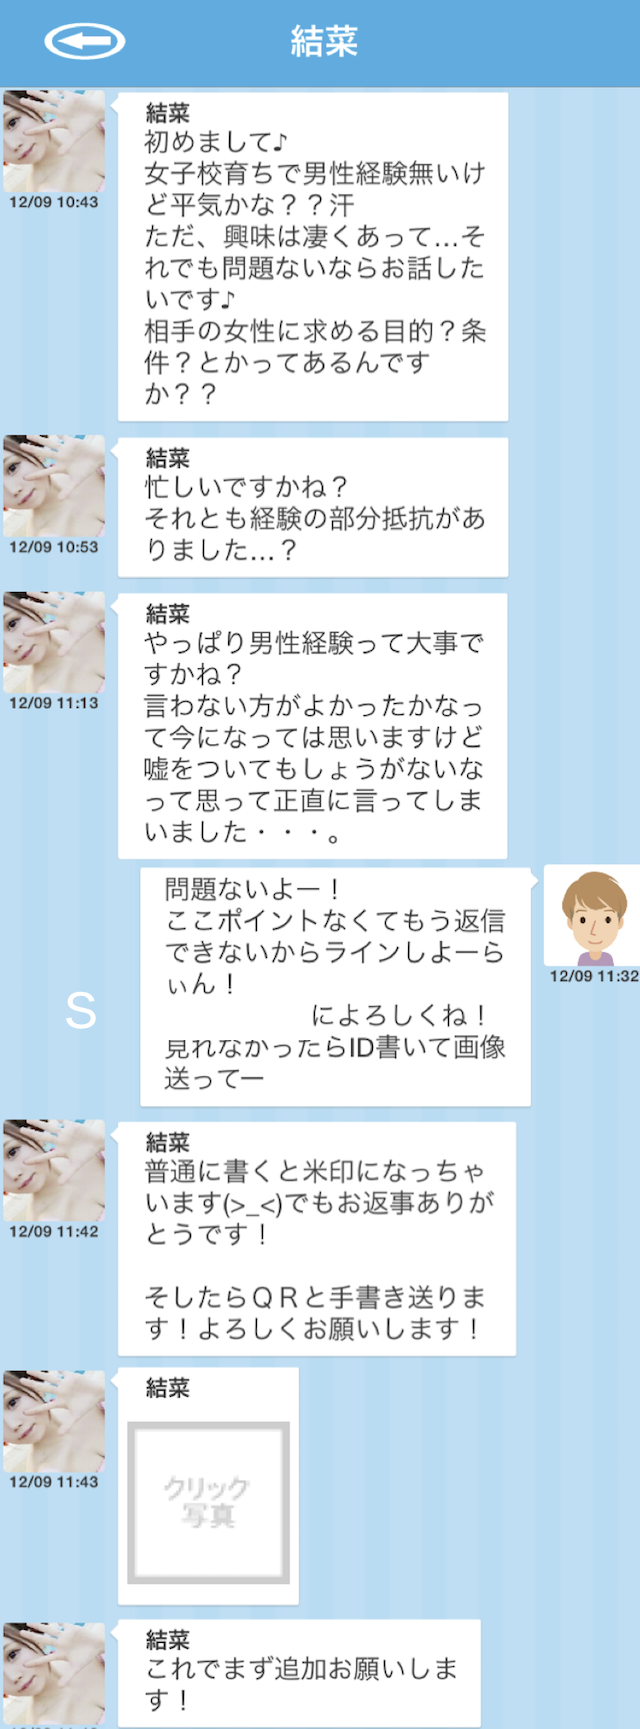 トークメイト_アプリ2